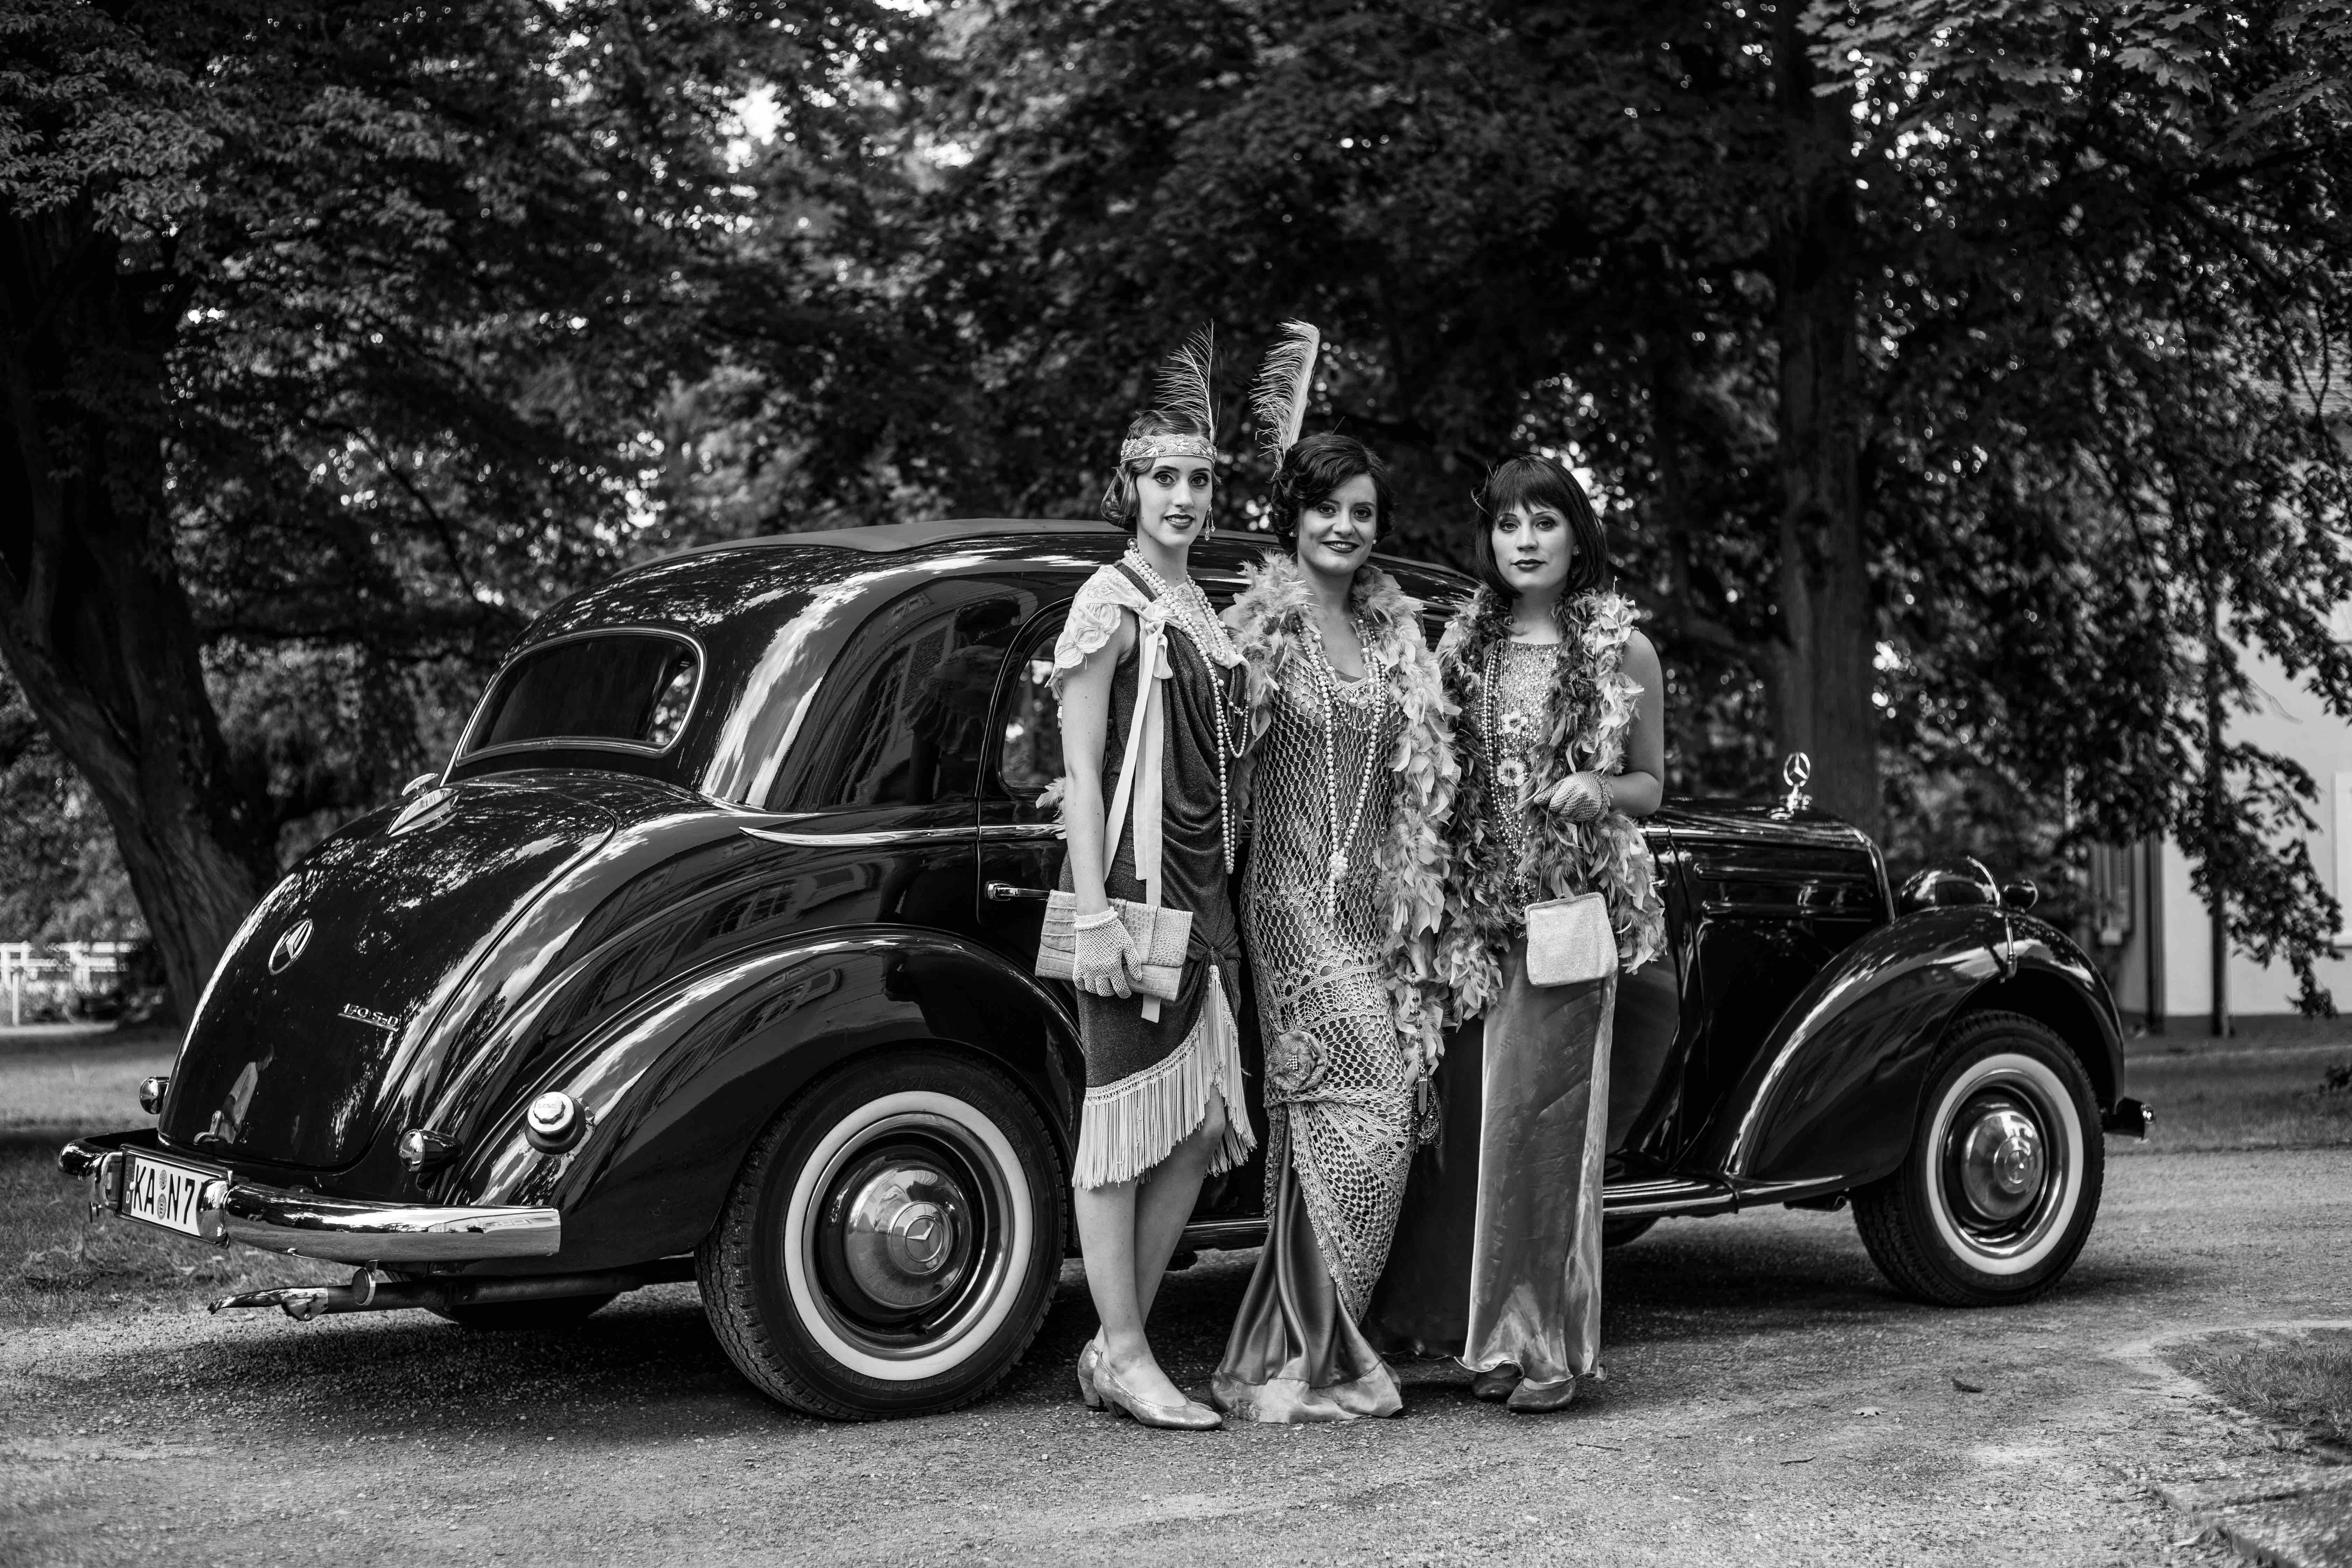 Mercedes_Oldtimer_Hochzeitsauto1